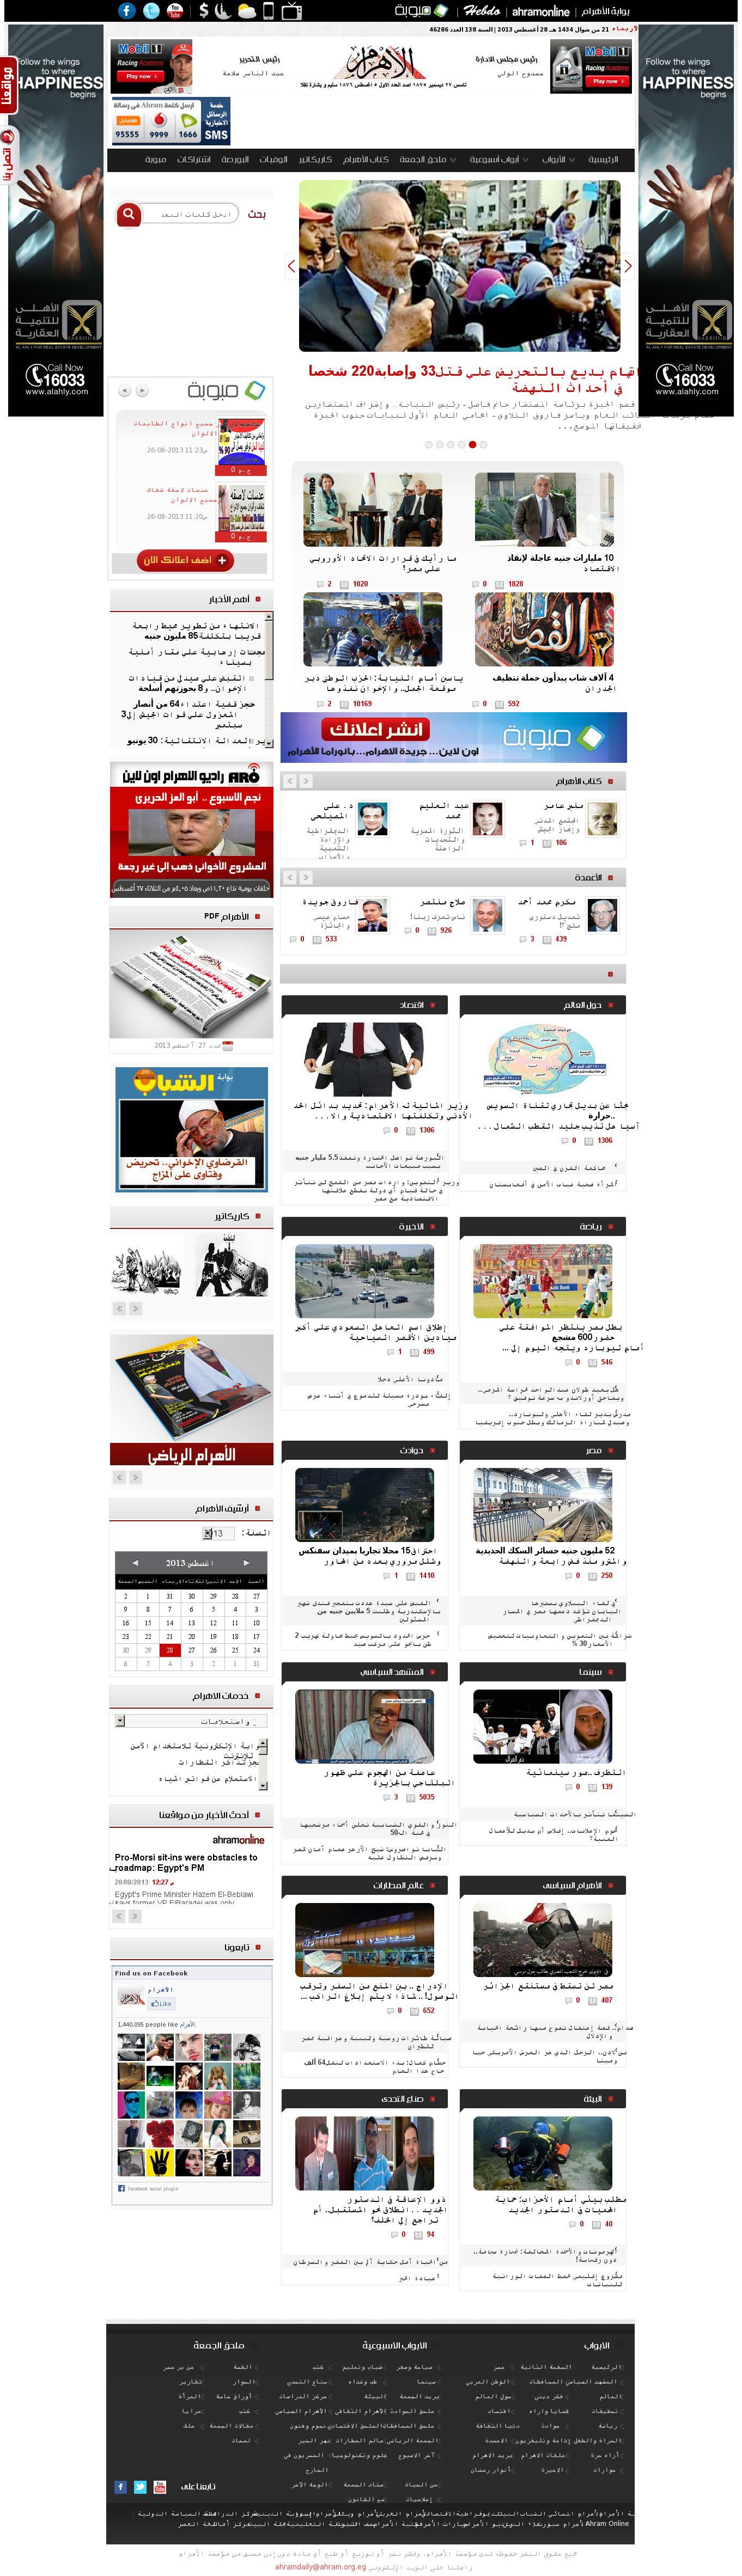 Al-Ahram at Wednesday Aug. 28, 2013, 5 a.m. UTC